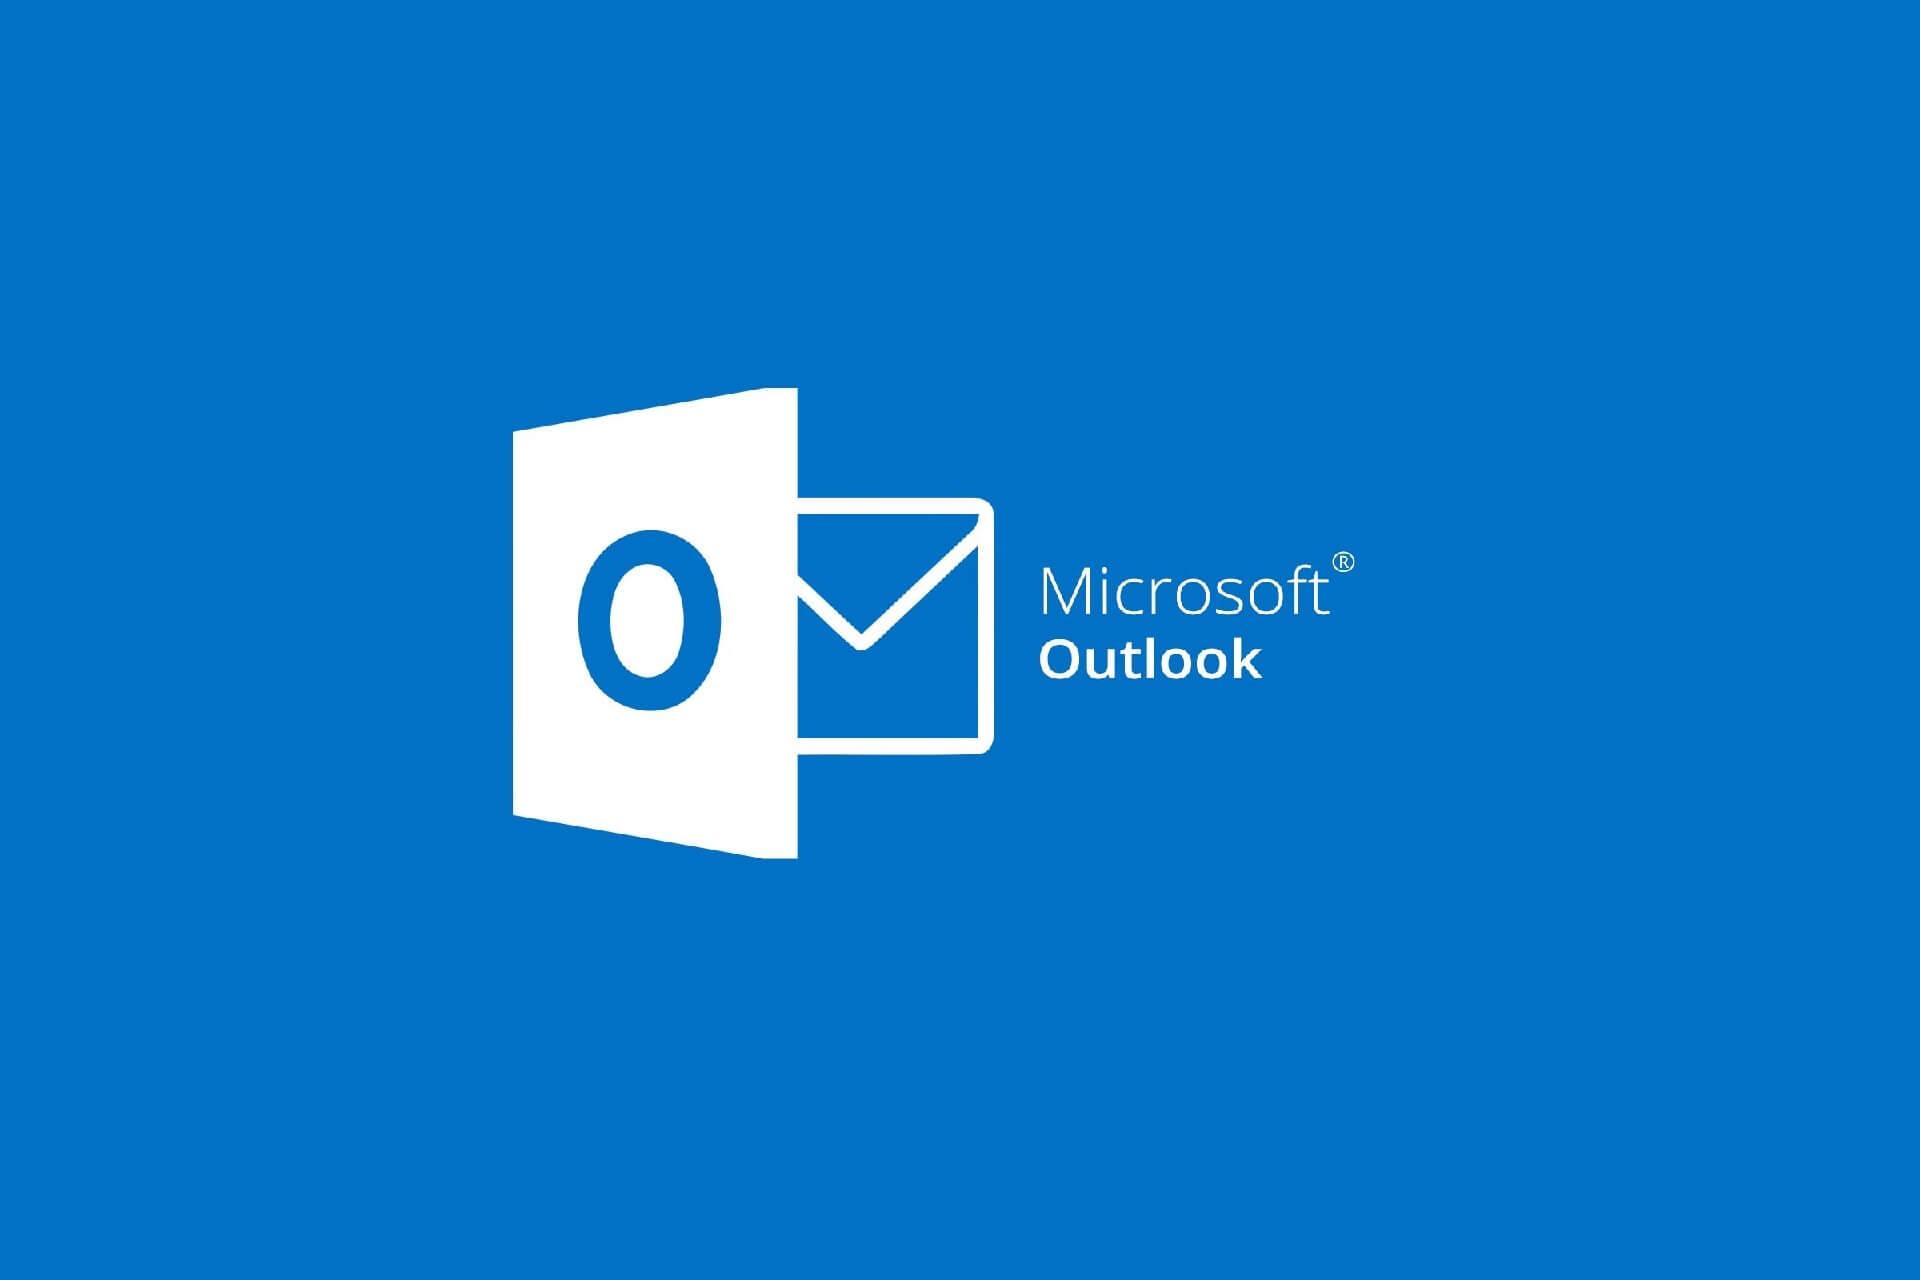 Outlook-5.jpg